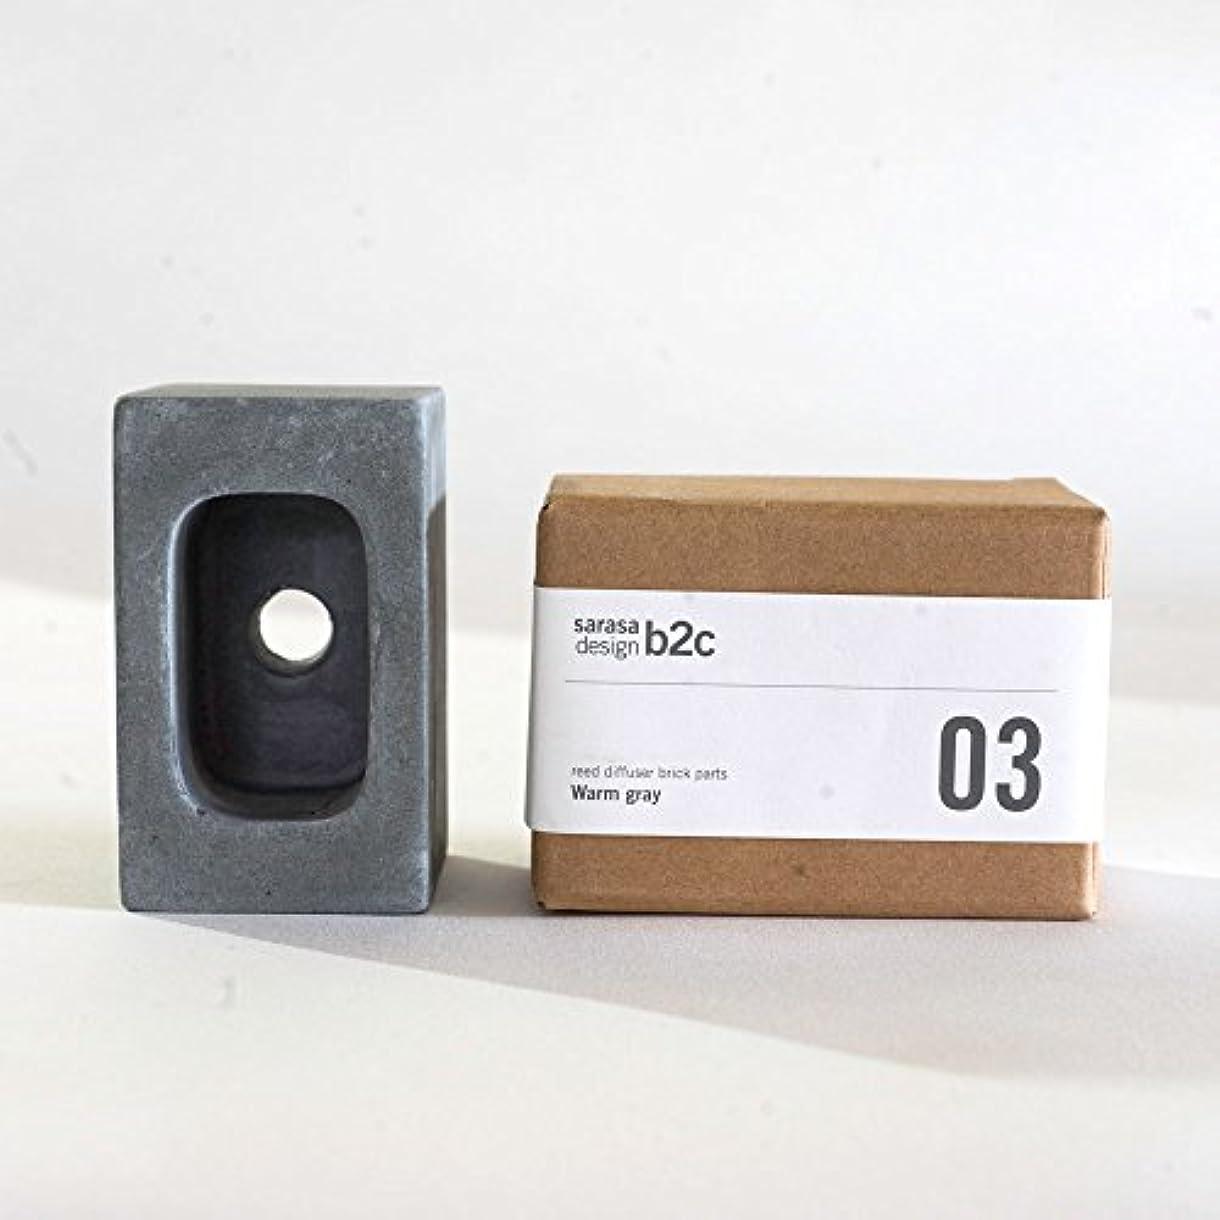 アウトドアそのヤングar003cgy/パーツ販売・b2c ブリック用 コンクリートパーツ(スクエア)《チャコールグレー》  芳香剤 ルームフレグランス リードディフューザー アロマ ディフューザー